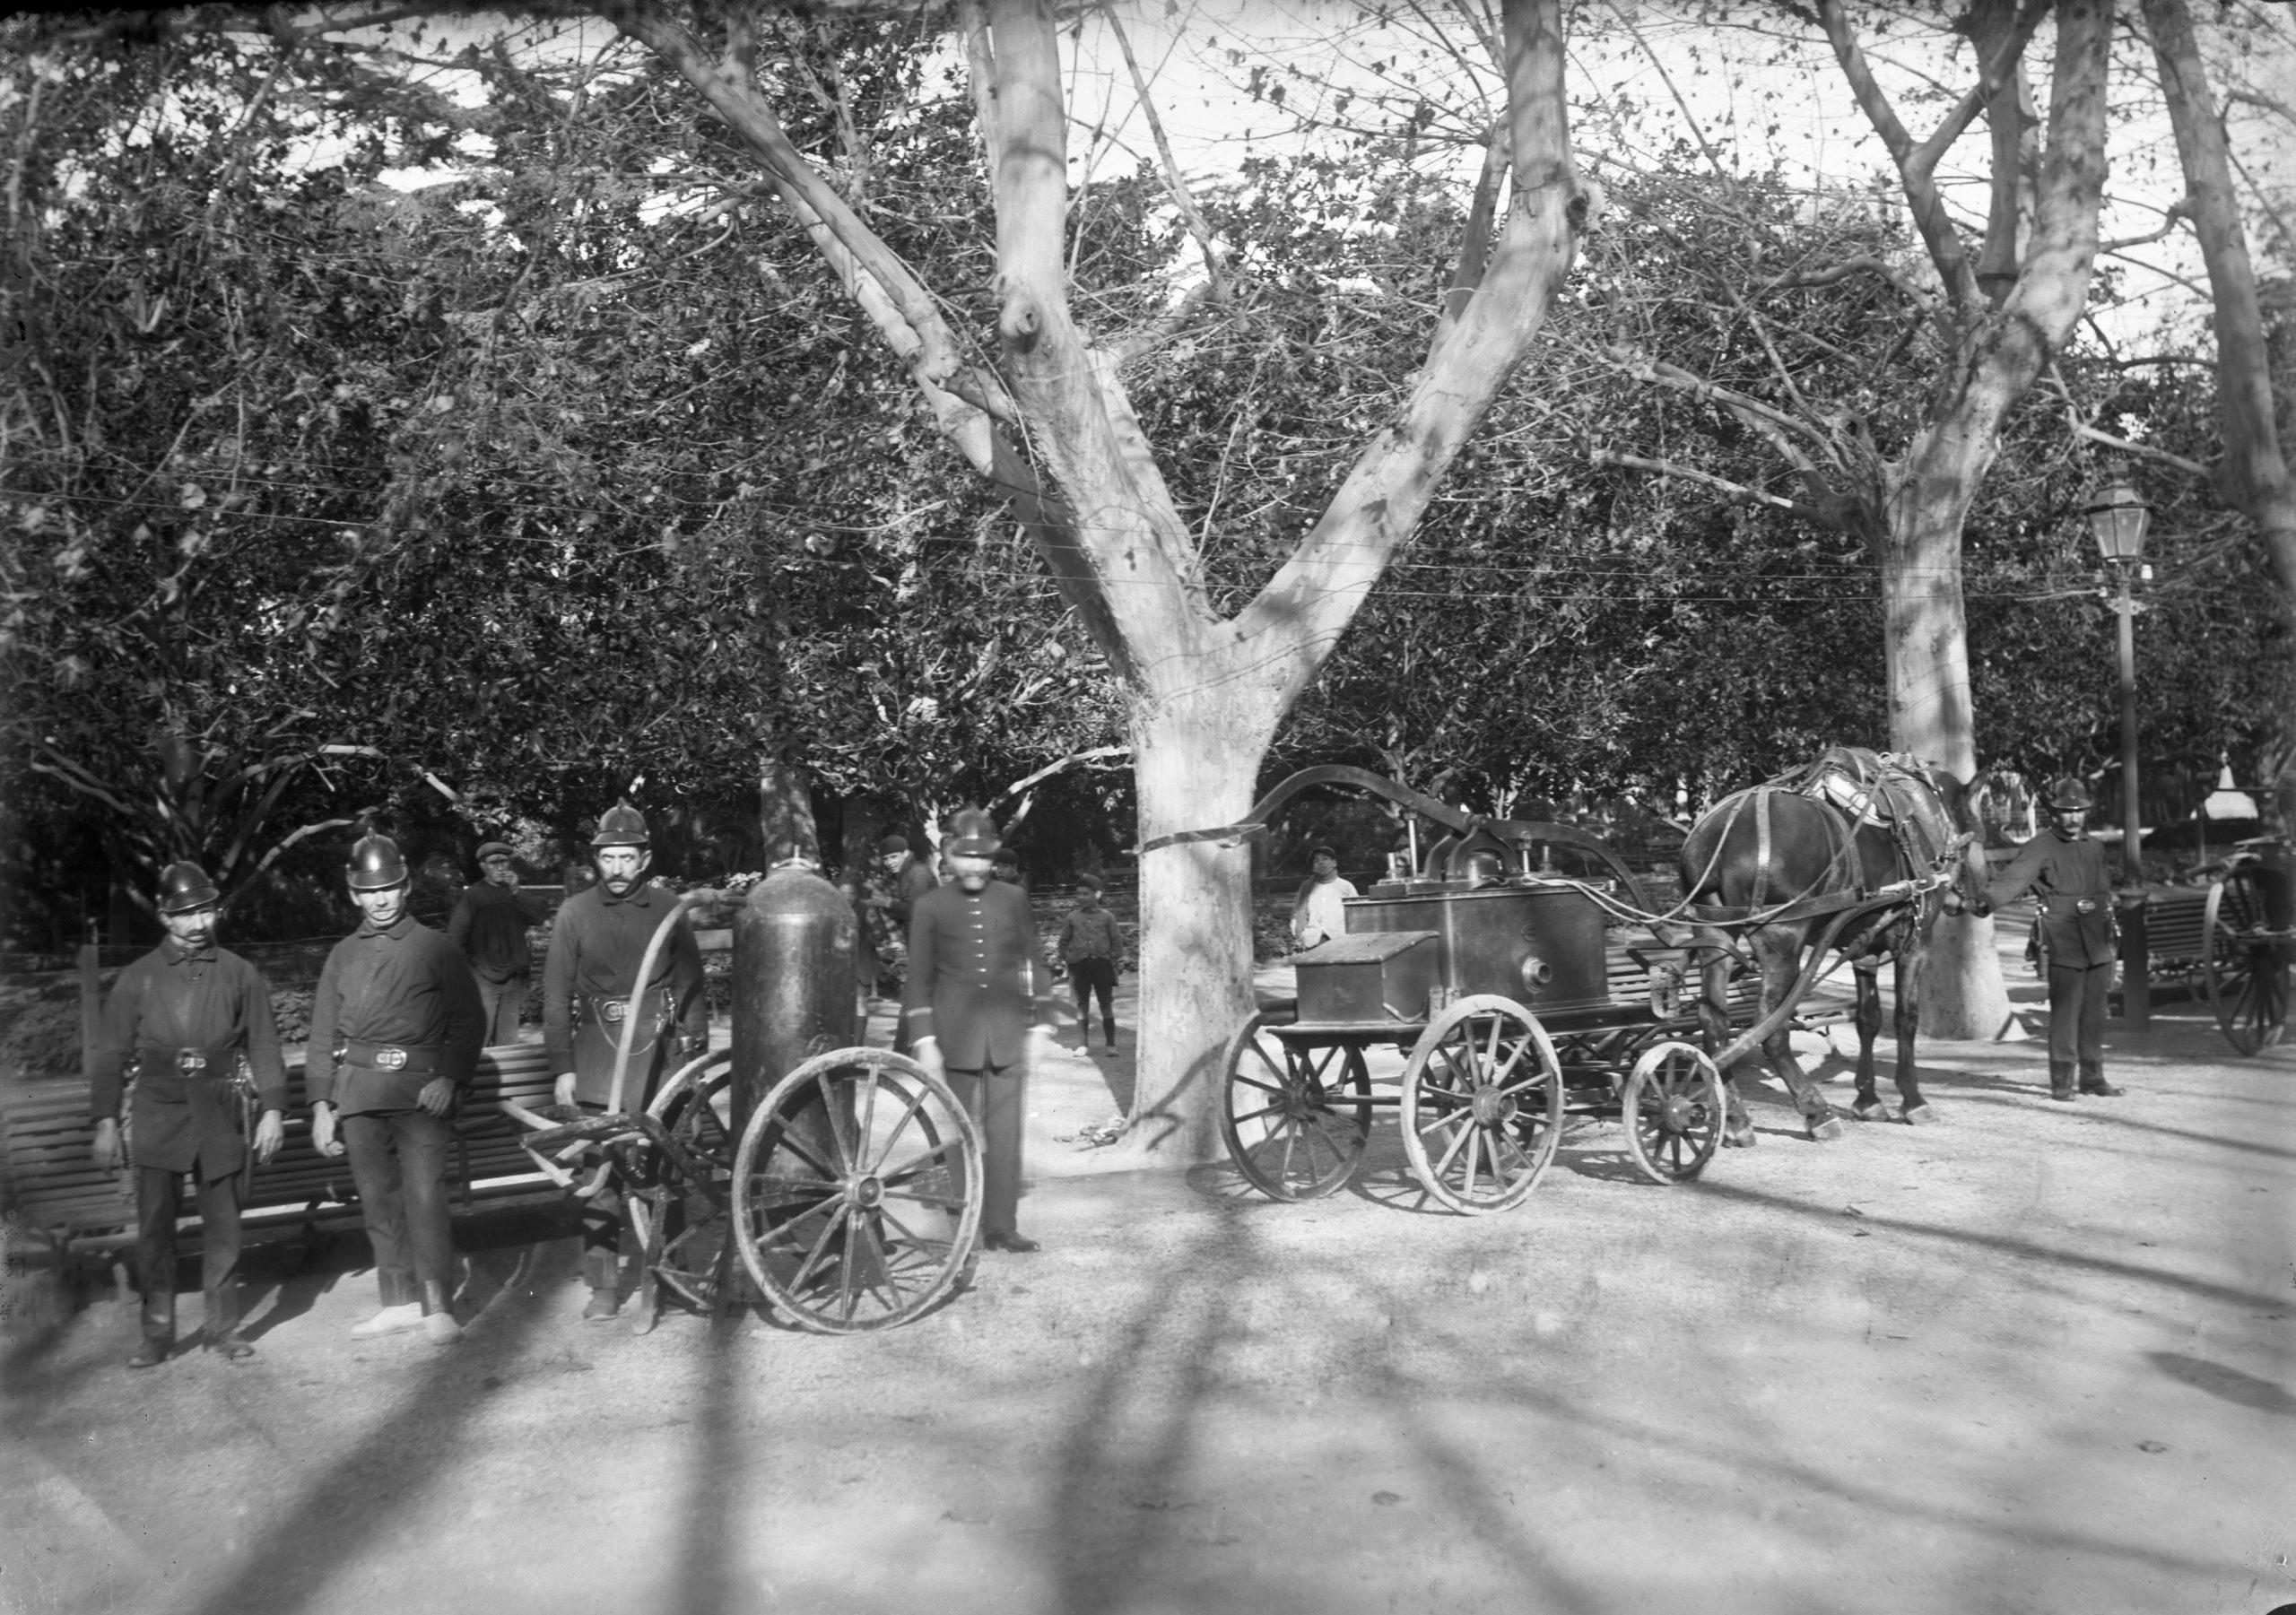 Bombers de l'Hospitalet de Llobregat amb autoritats civils, el setembre de 1936